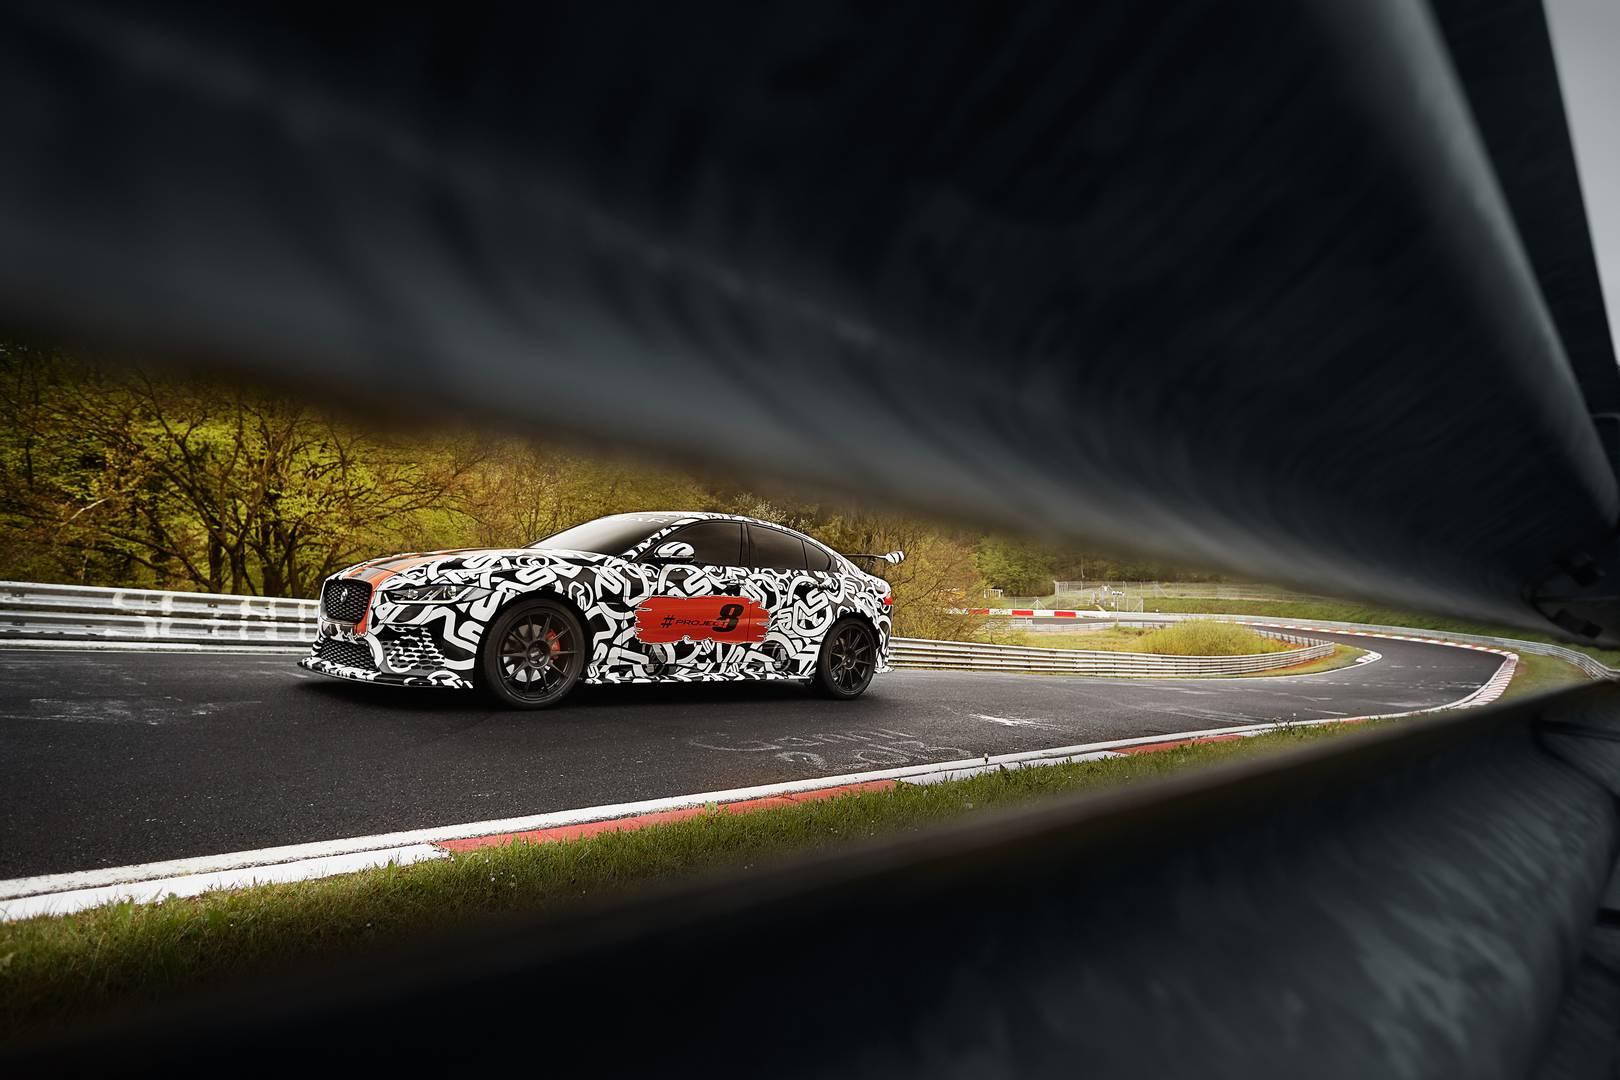 Джон Эдвардс, управляющий директор Jaguar Land Rover Special Operations, сказал: «Настало время для SVO выпускать самые экстремальные дорожные машины за всю историю Jaguar. Команда SVO одержима духом производительности и стремится к созданию самых за